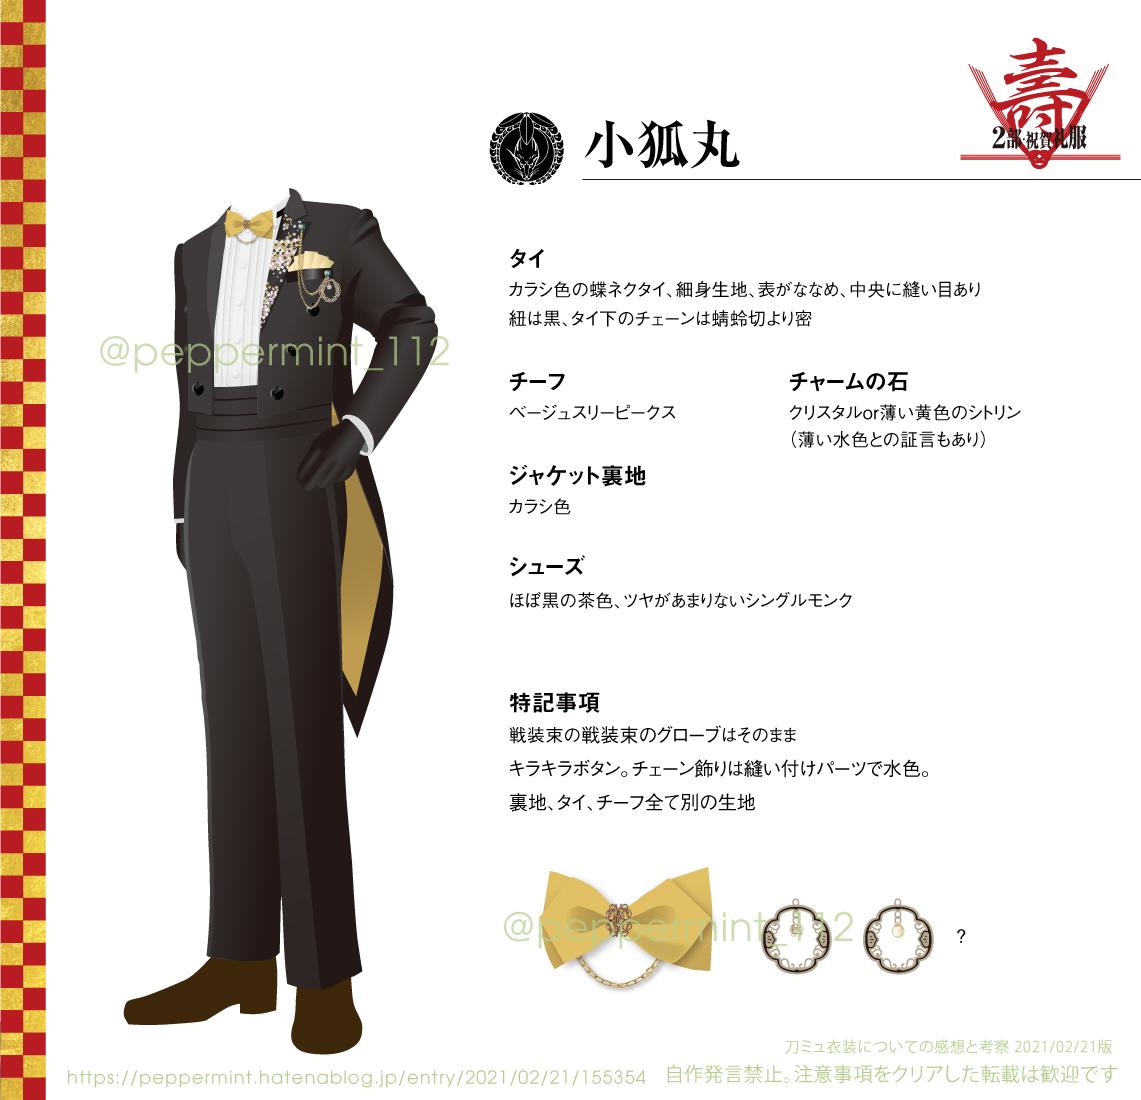 音曲祭 小狐丸 二部衣装図解(第二稿)